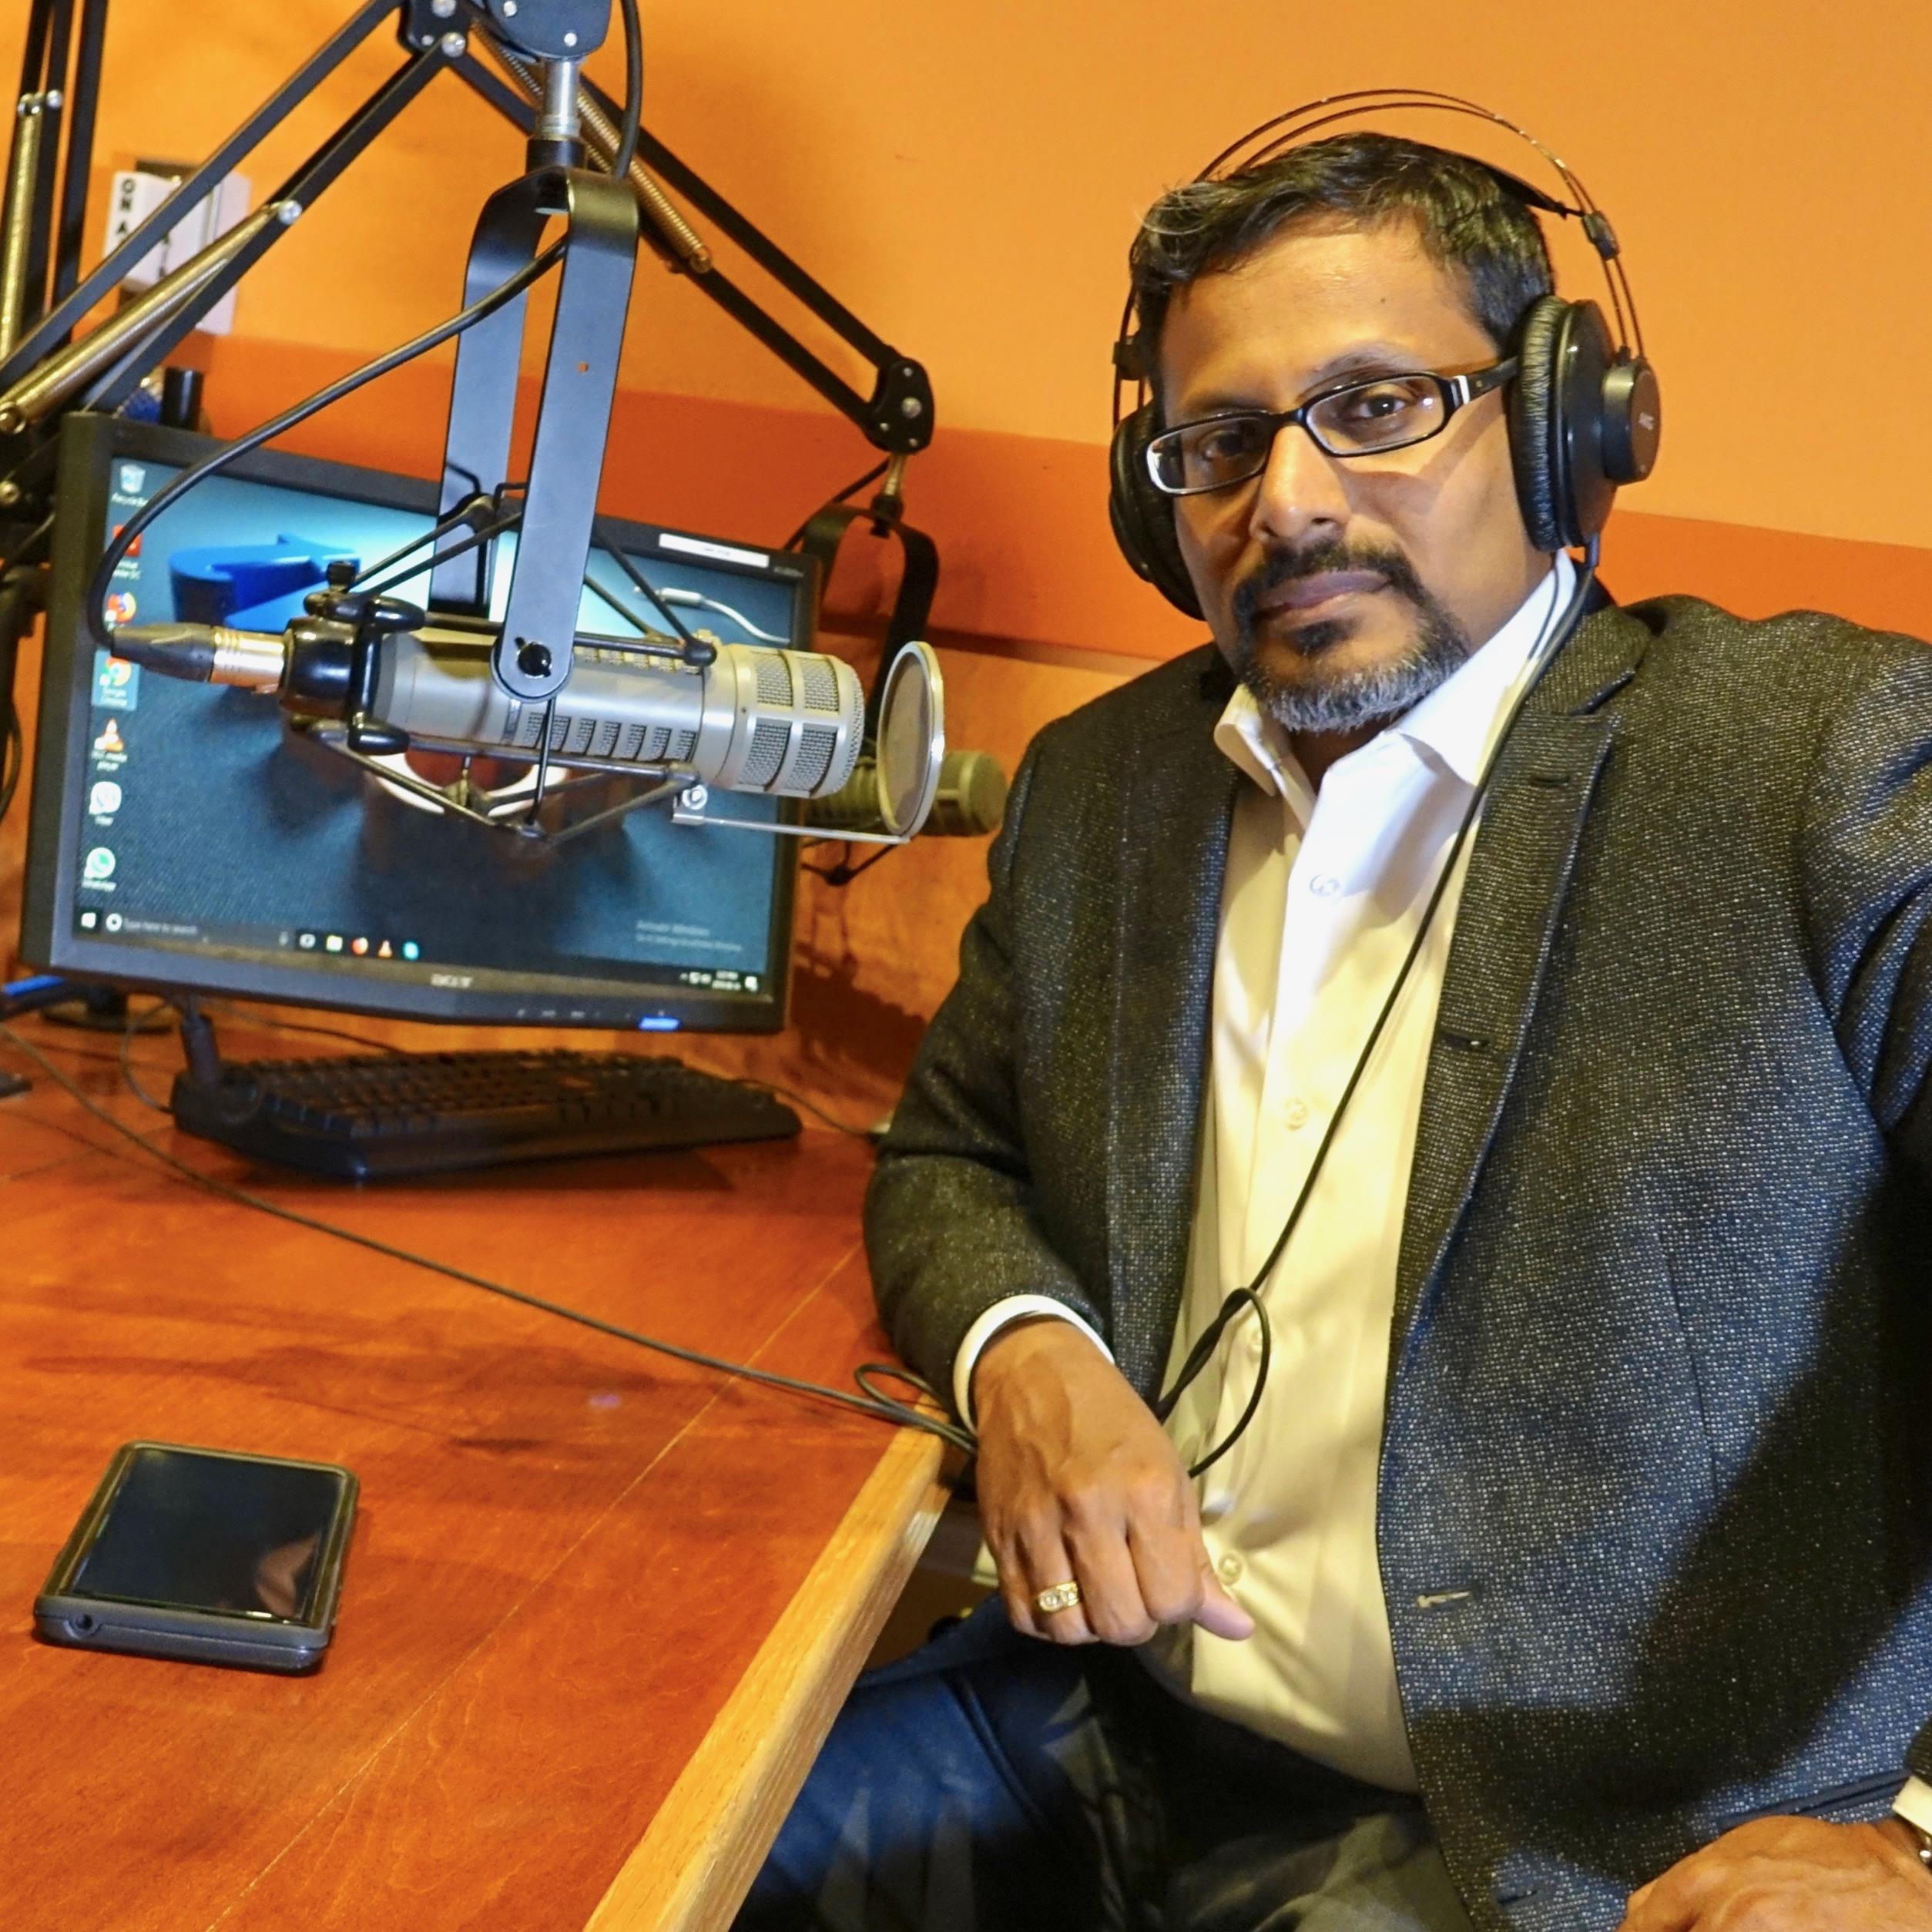 EL señor Pillai est sentado en un estudio de radio